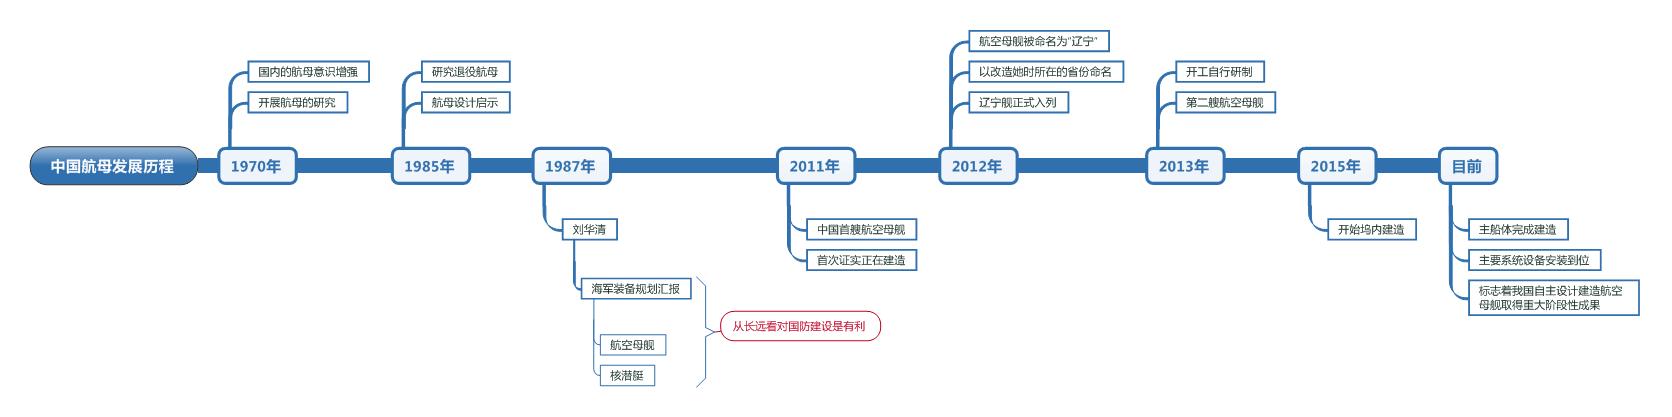 中国航母发展思维导图